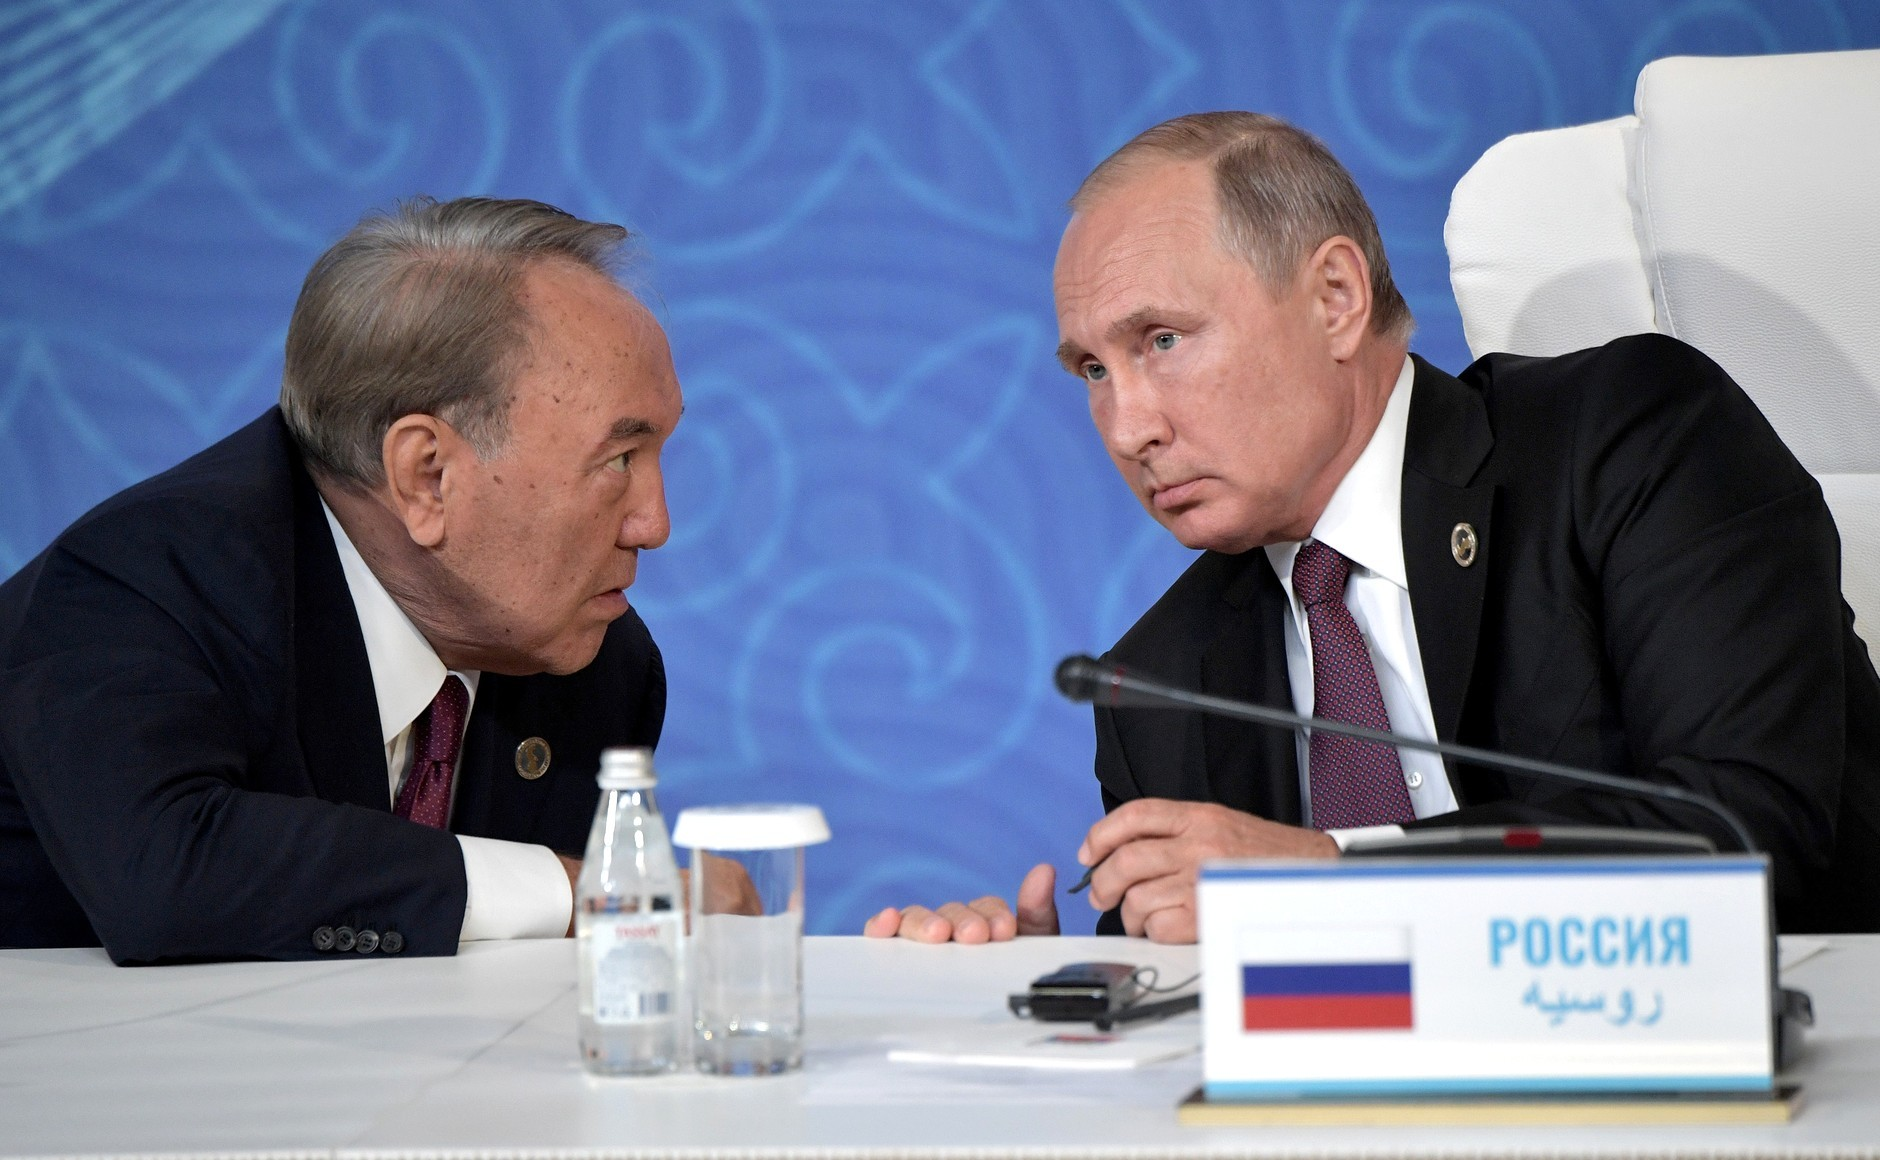 <p>Нурсултан Назарбаев и Владимир Путин. Фото: &copy;Официальный сайт президента России</p>